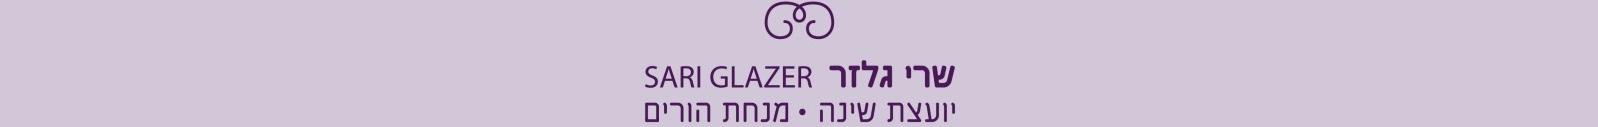 שרי גלזר - יועצת שינה ומנחת הורים Logo